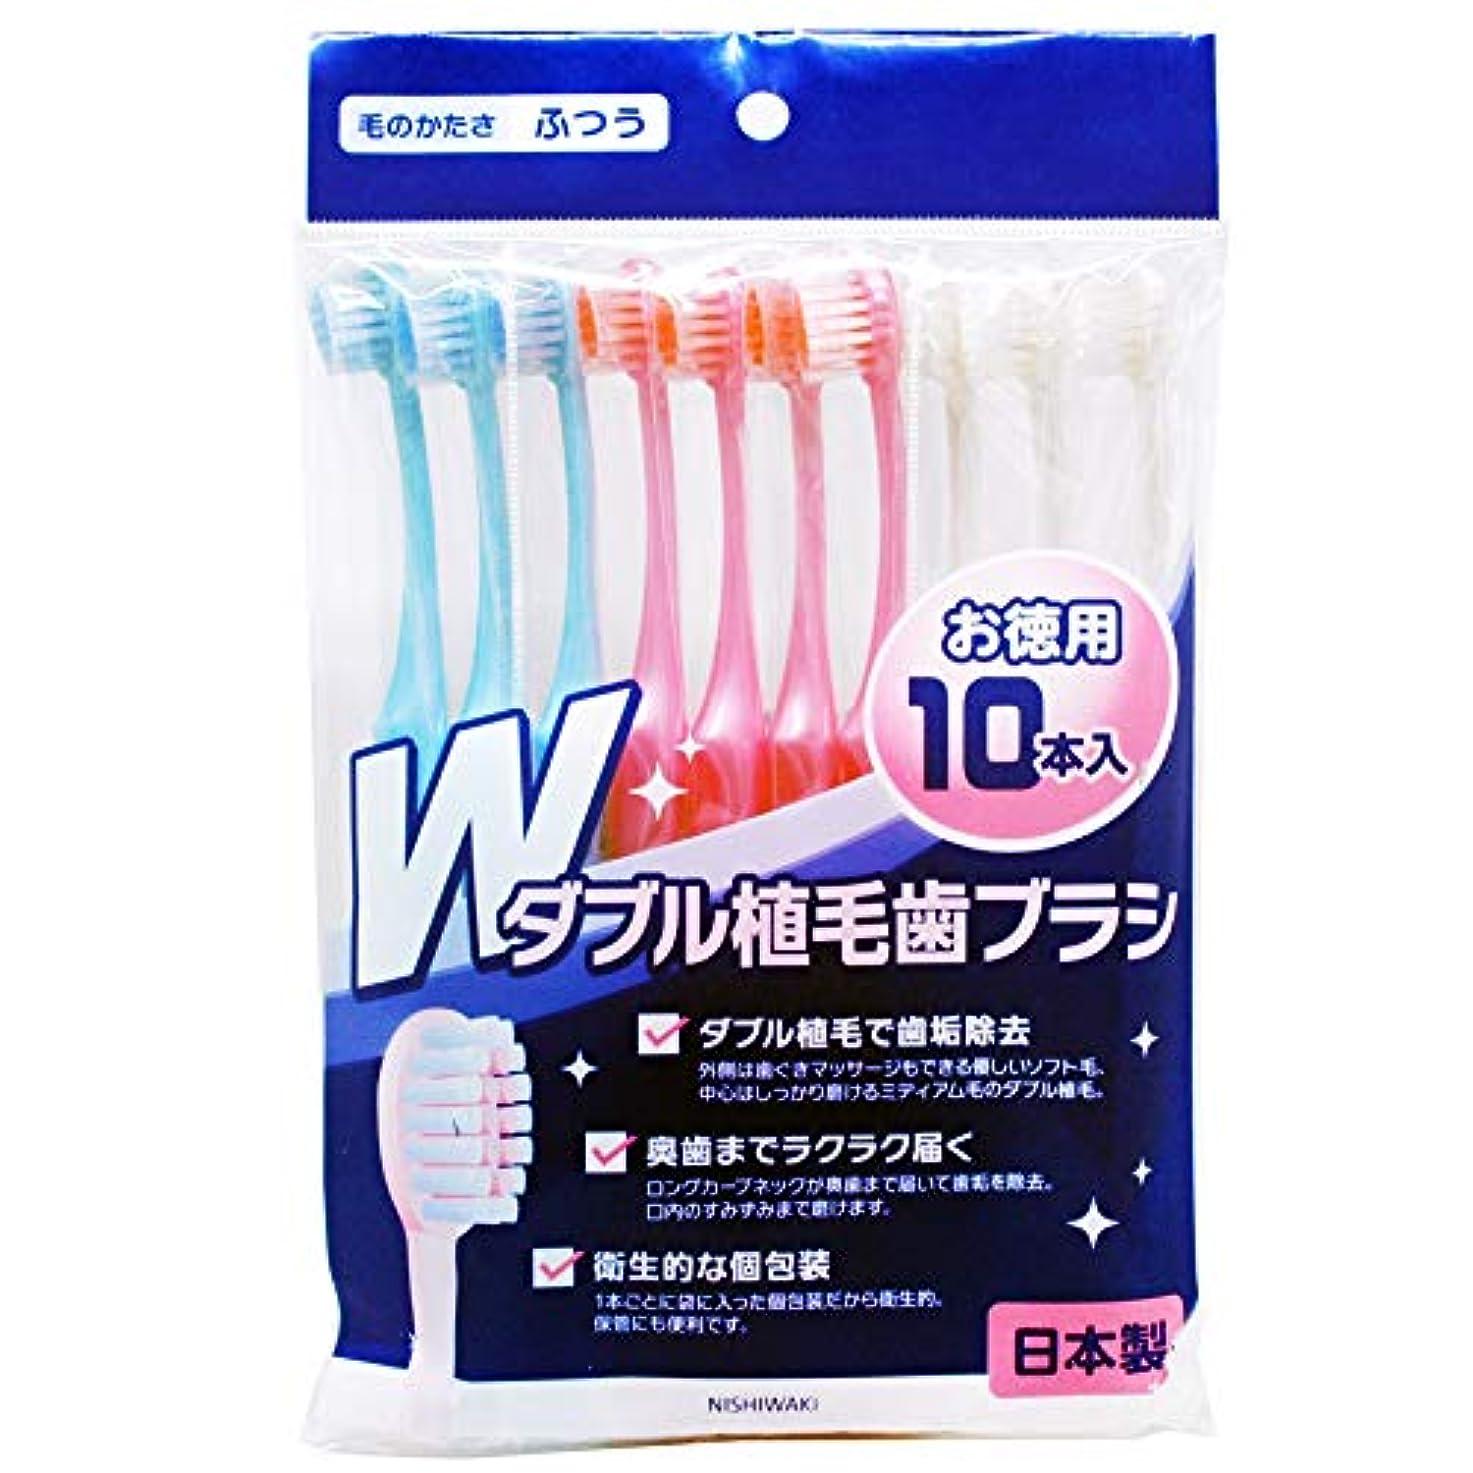 個人的なしょっぱい論争歯ブラシ 日本製 10本セット「外側やわらか植毛歯ブラシ」